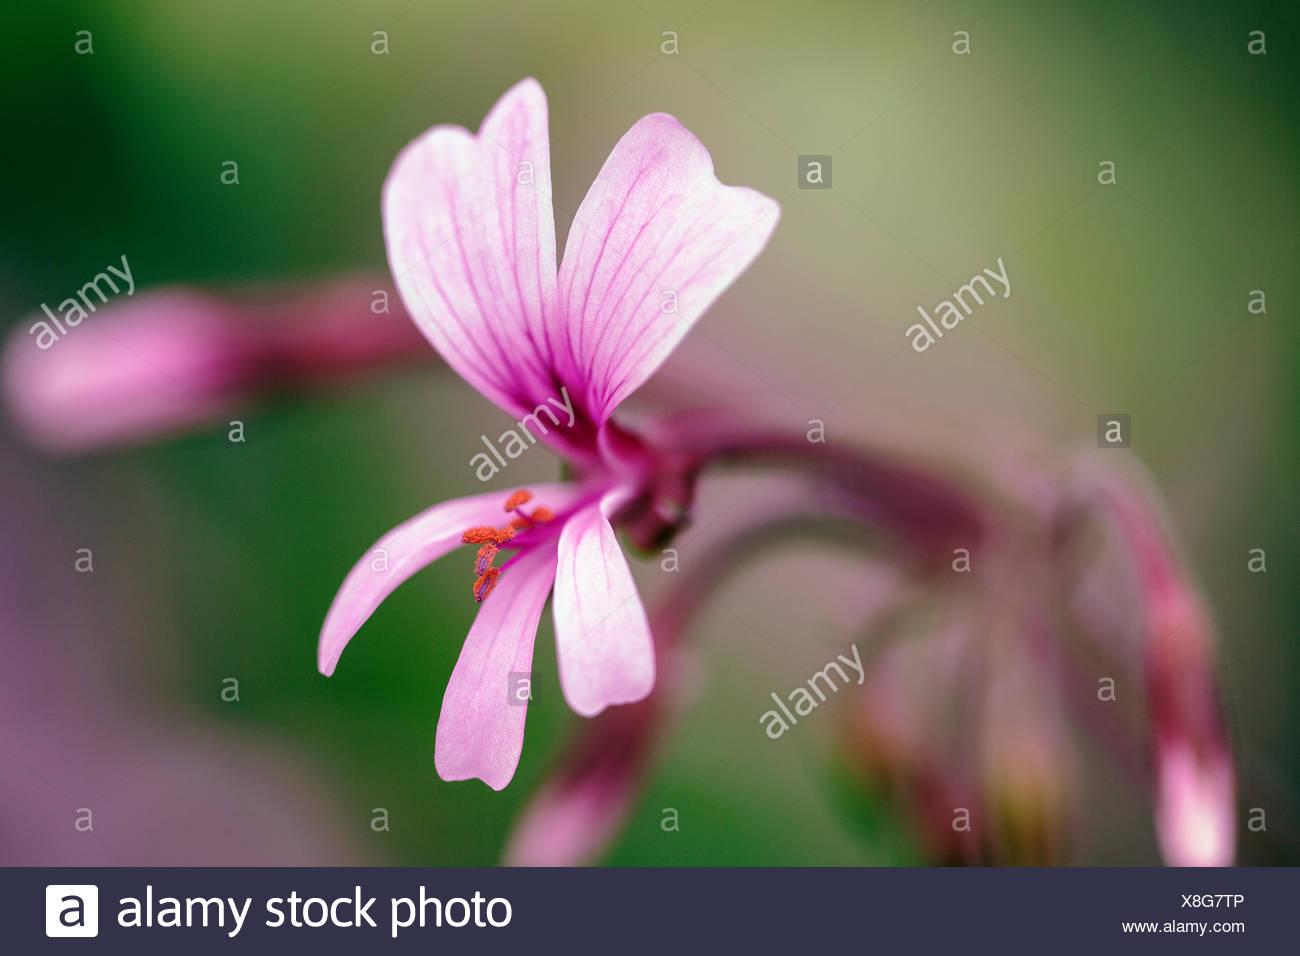 Transvaal perlagonium, Pelargonium transvaalense. - Stock Image